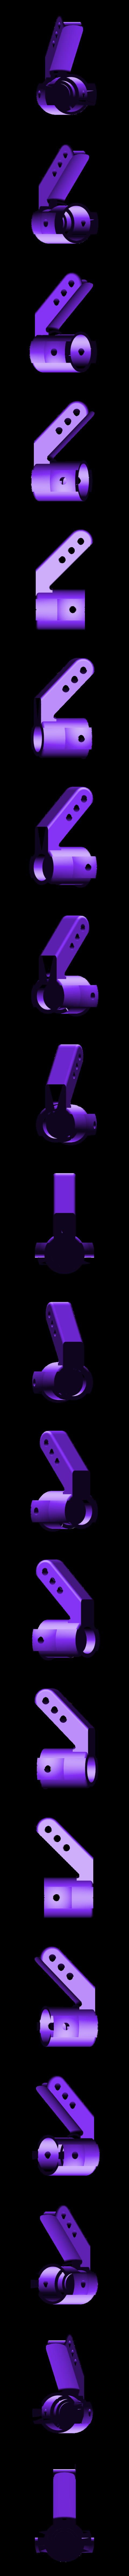 MRCC_OBTS_SUS_FSBLOCK_TYPEA_ONROAD.stl Download STL file MyRCCar 1/10 On-Road Build for Tesla Model S Body RC Car • 3D print object, dlb5